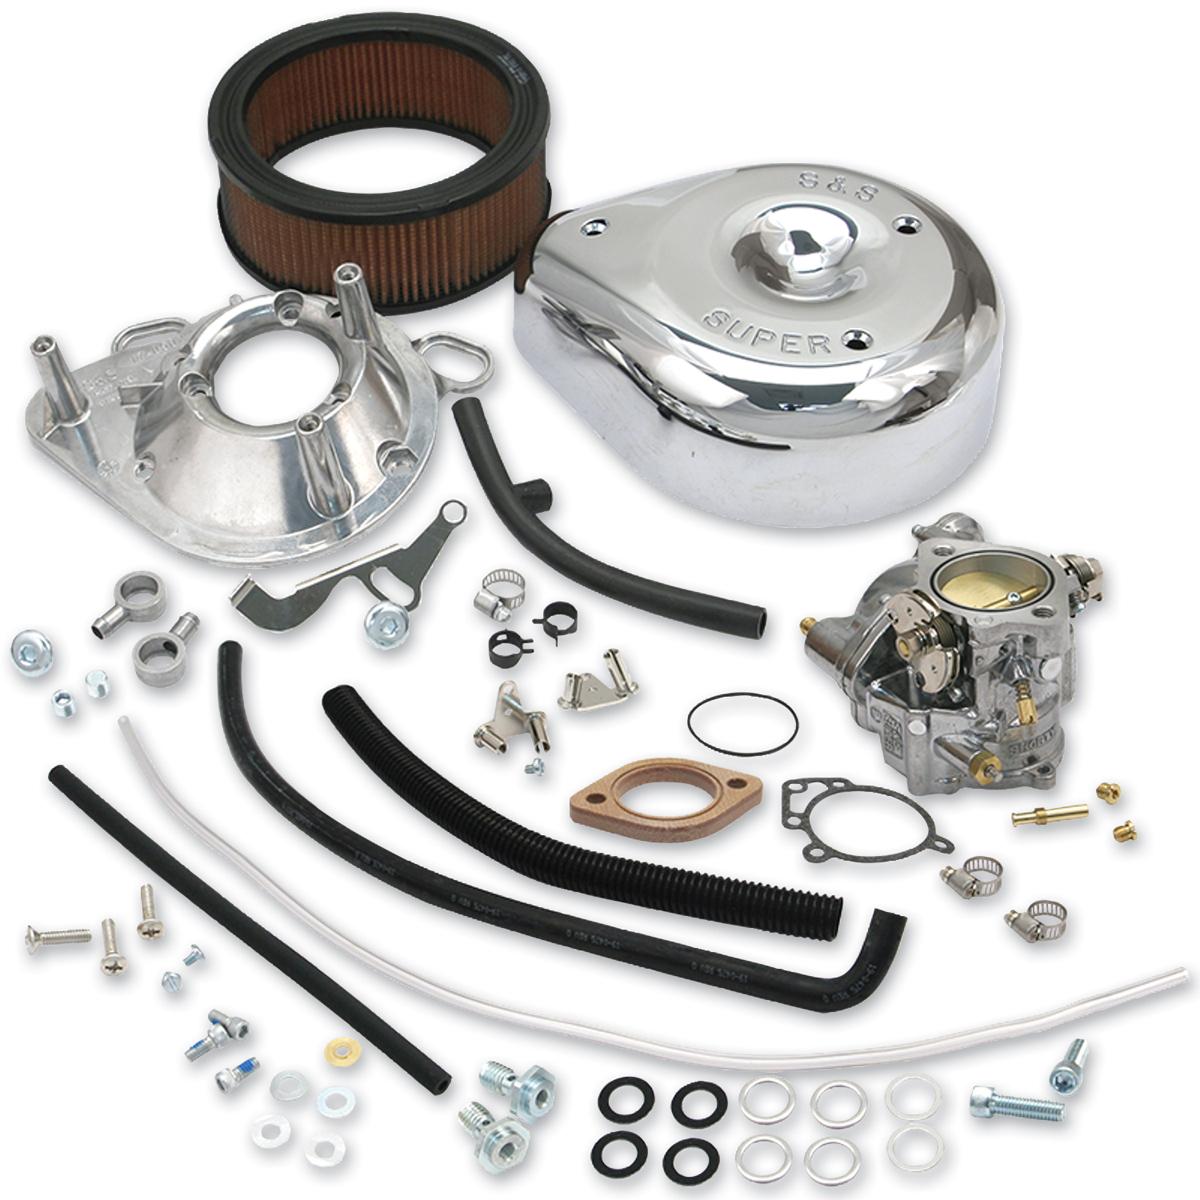 S&S Cycle Super E Partial Carburetor Kit